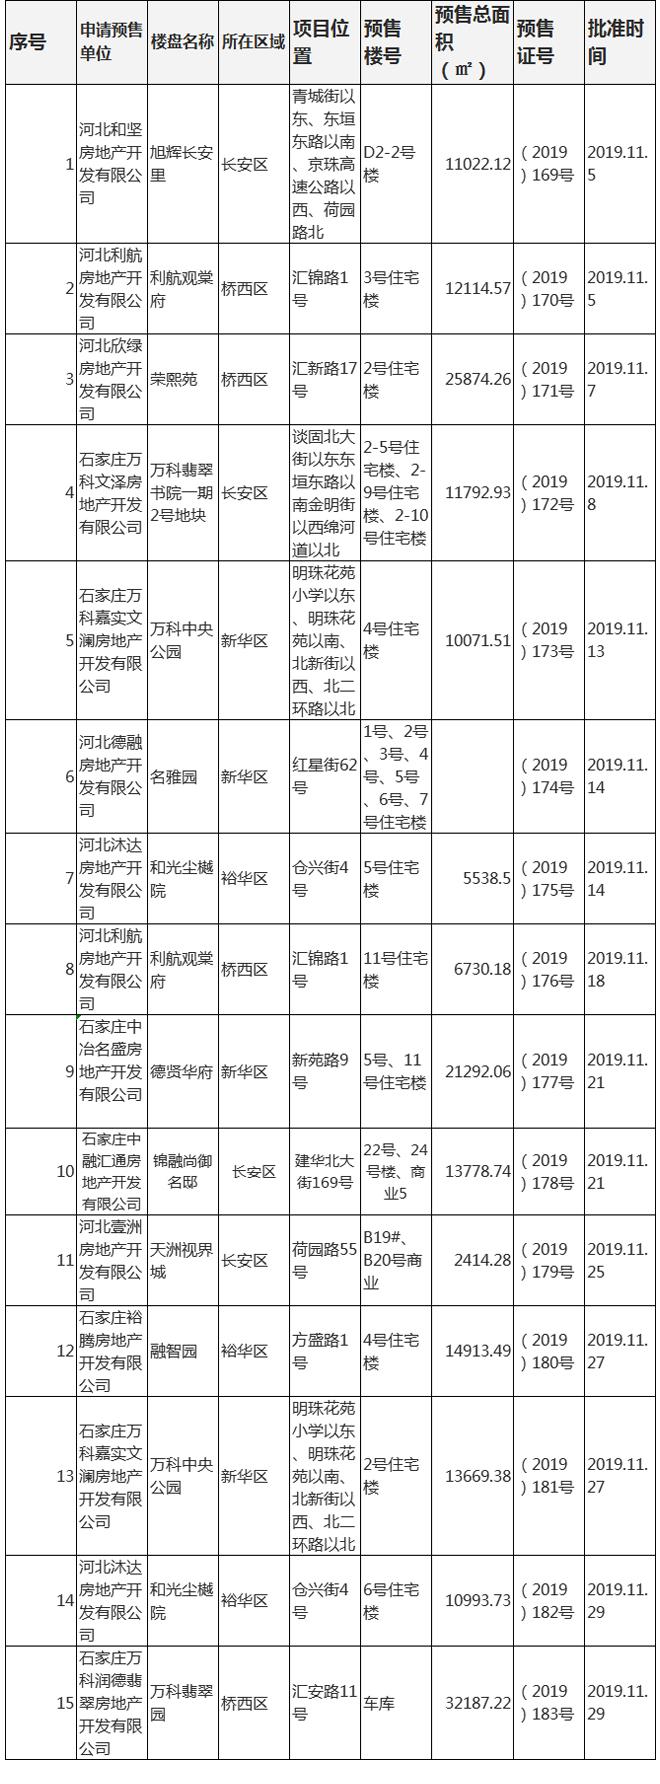 十一月石家庄主城区15个楼盘获预售证-中国网地产